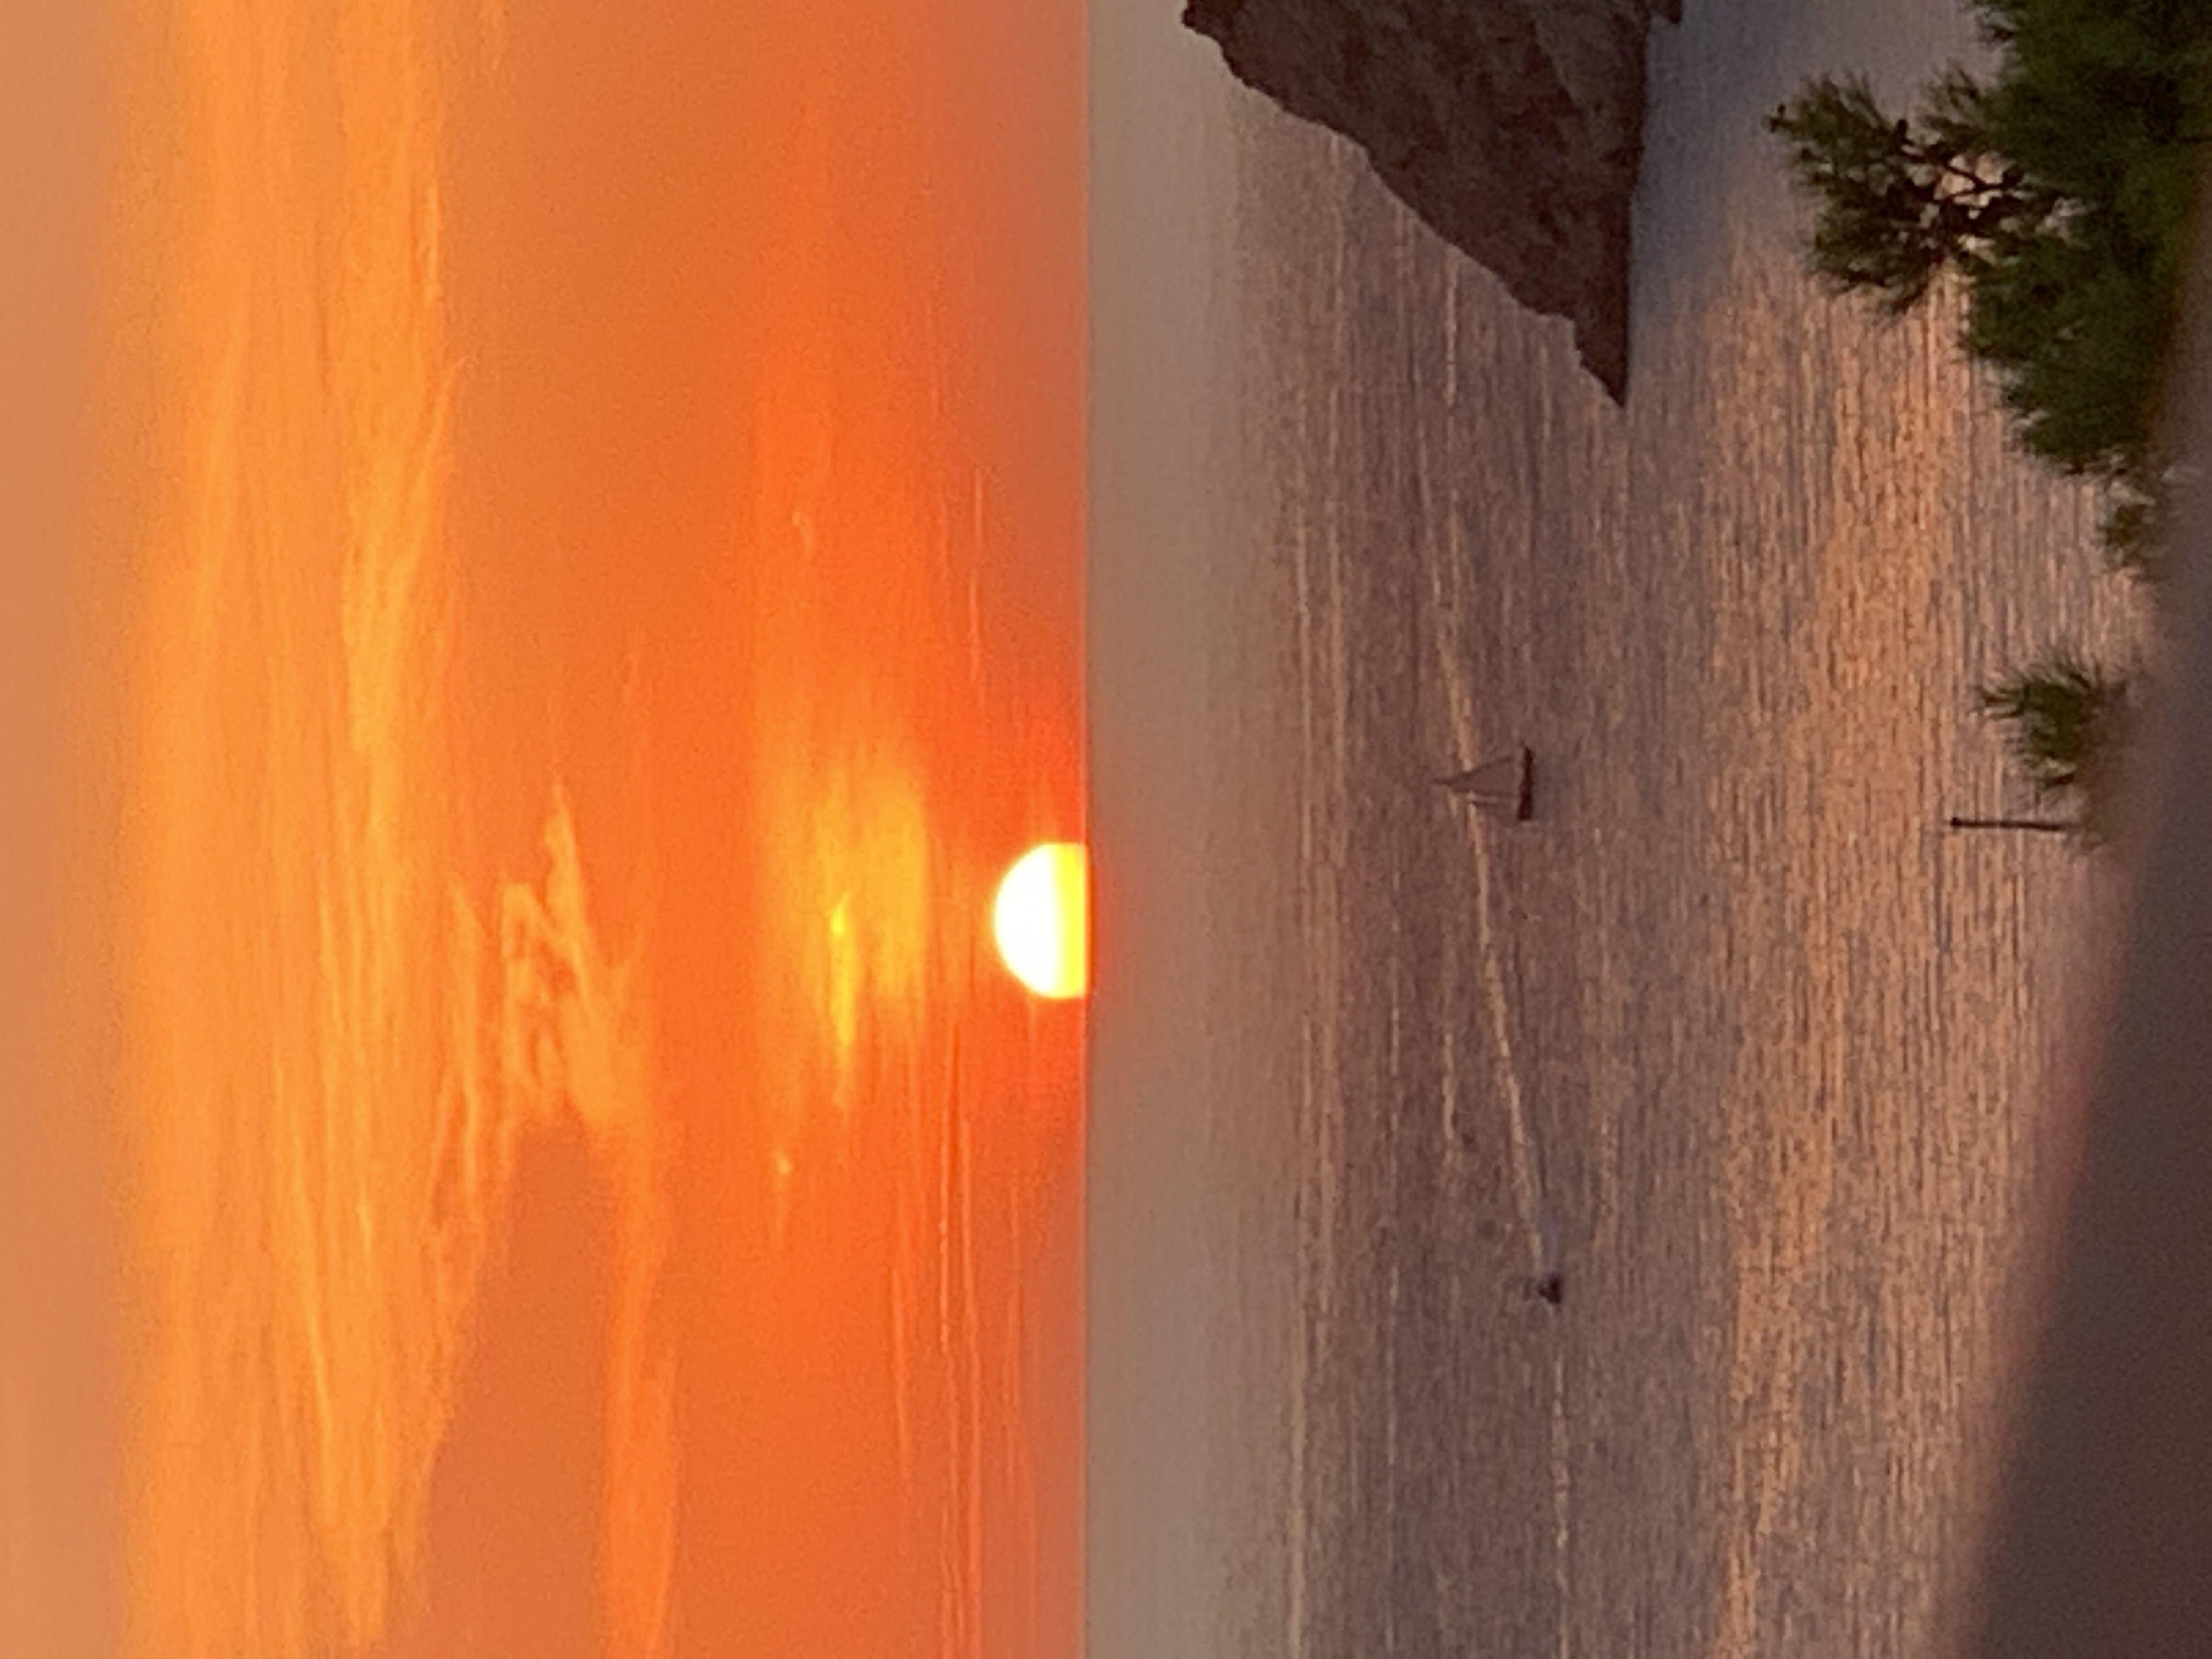 Herr comes the sun Port d' Andratx, Mallorca#Marta Mogensen Barcelona 305